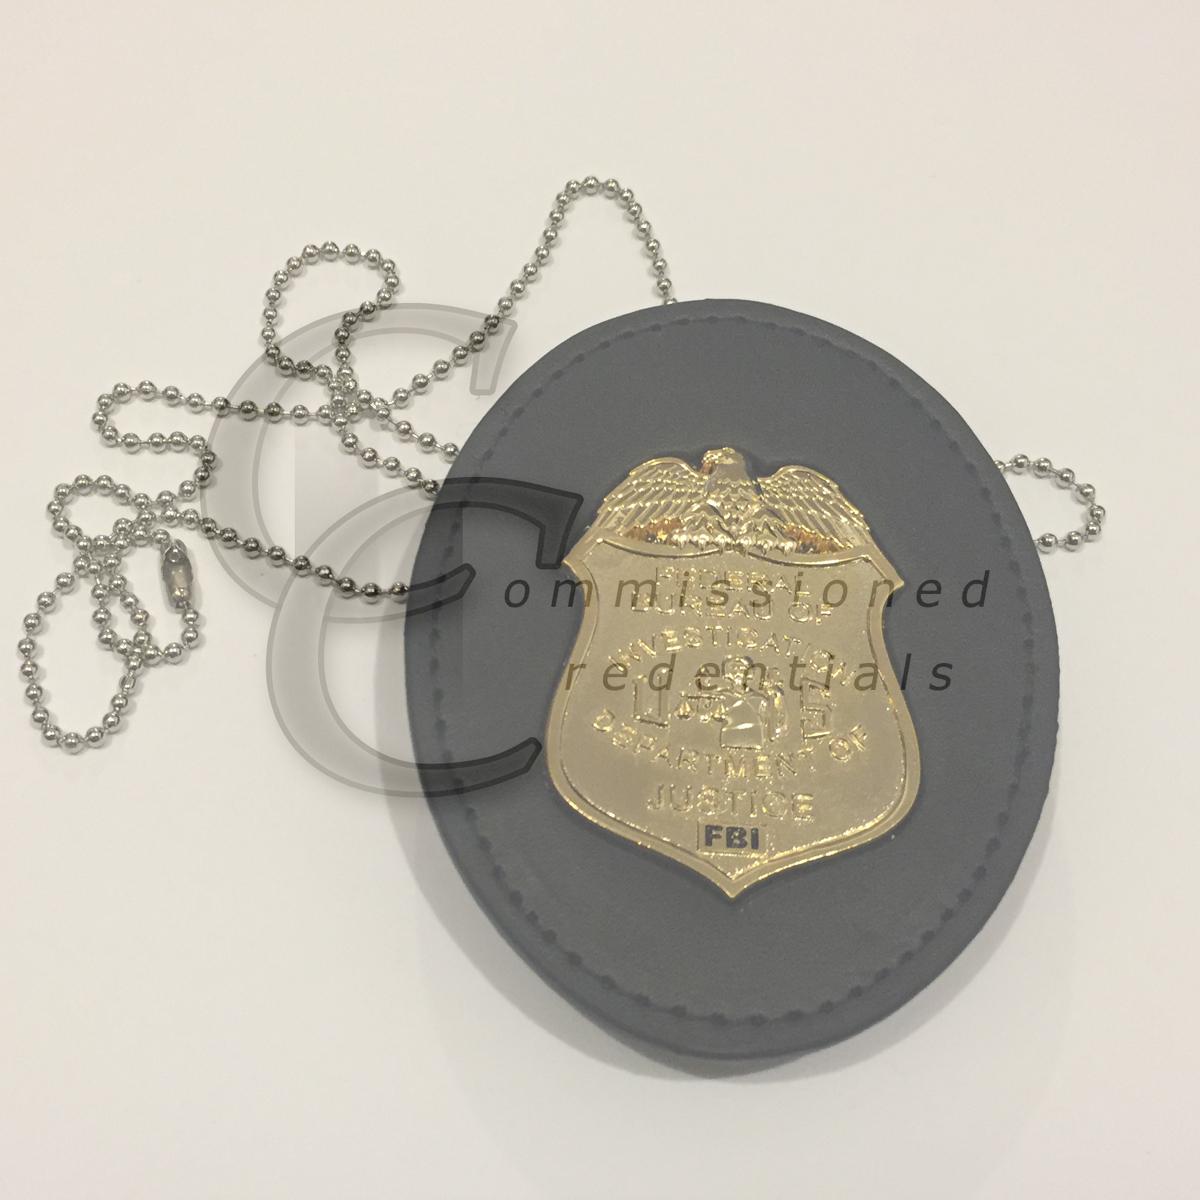 Fbi Badge Belt Clip Commissioned Credentials Drug enforcement administration dea badge neck hanger w/chain badge not included. fbi badge belt clip